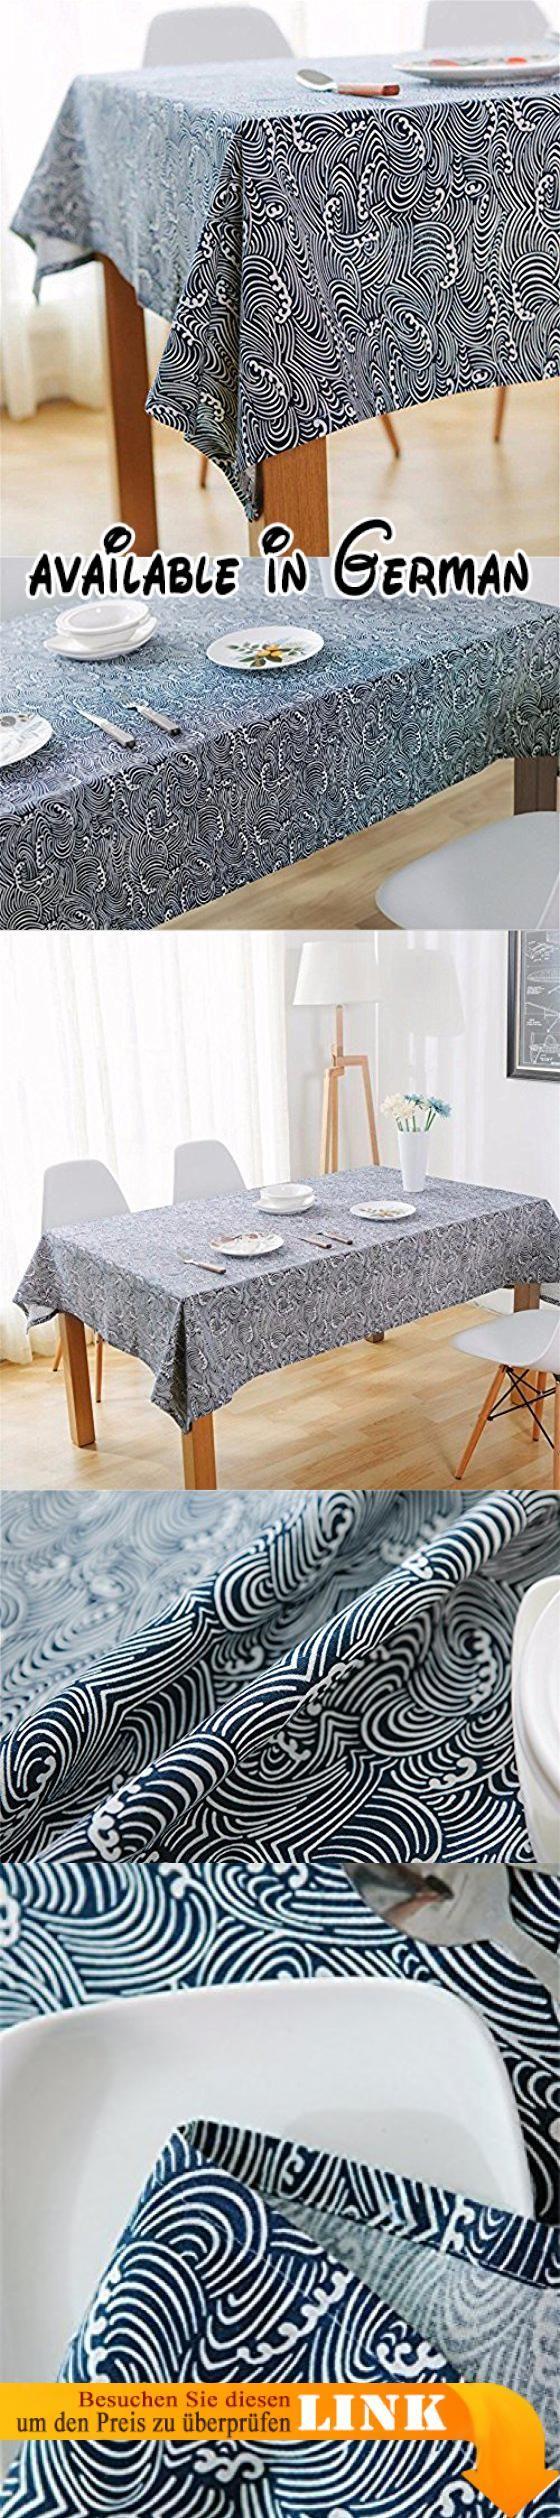 HOMEE Europäische kreative Ozean Ripple Muster blau Leinen Tischdecken Retro minimalistischen Haushalt Staub Tuch Weihnachtsschmuck,140X200cm. Material: Stoff. Mit hochwertigen Materialien, Sicherheit, Umweltschutz-Farbstoffe. Wenn es Öl gibt, bitte rechtzeitig wischen, die Heiztemperatur ist nicht mehr als 80 Grad Celsius. Nicht verblassen, Naturfaser, umweltfreundlich, kohlenstoffarm. Kann bei niedriger Temperatur gewaschen werden, verlängertes Eintauchen vermeiden #Home